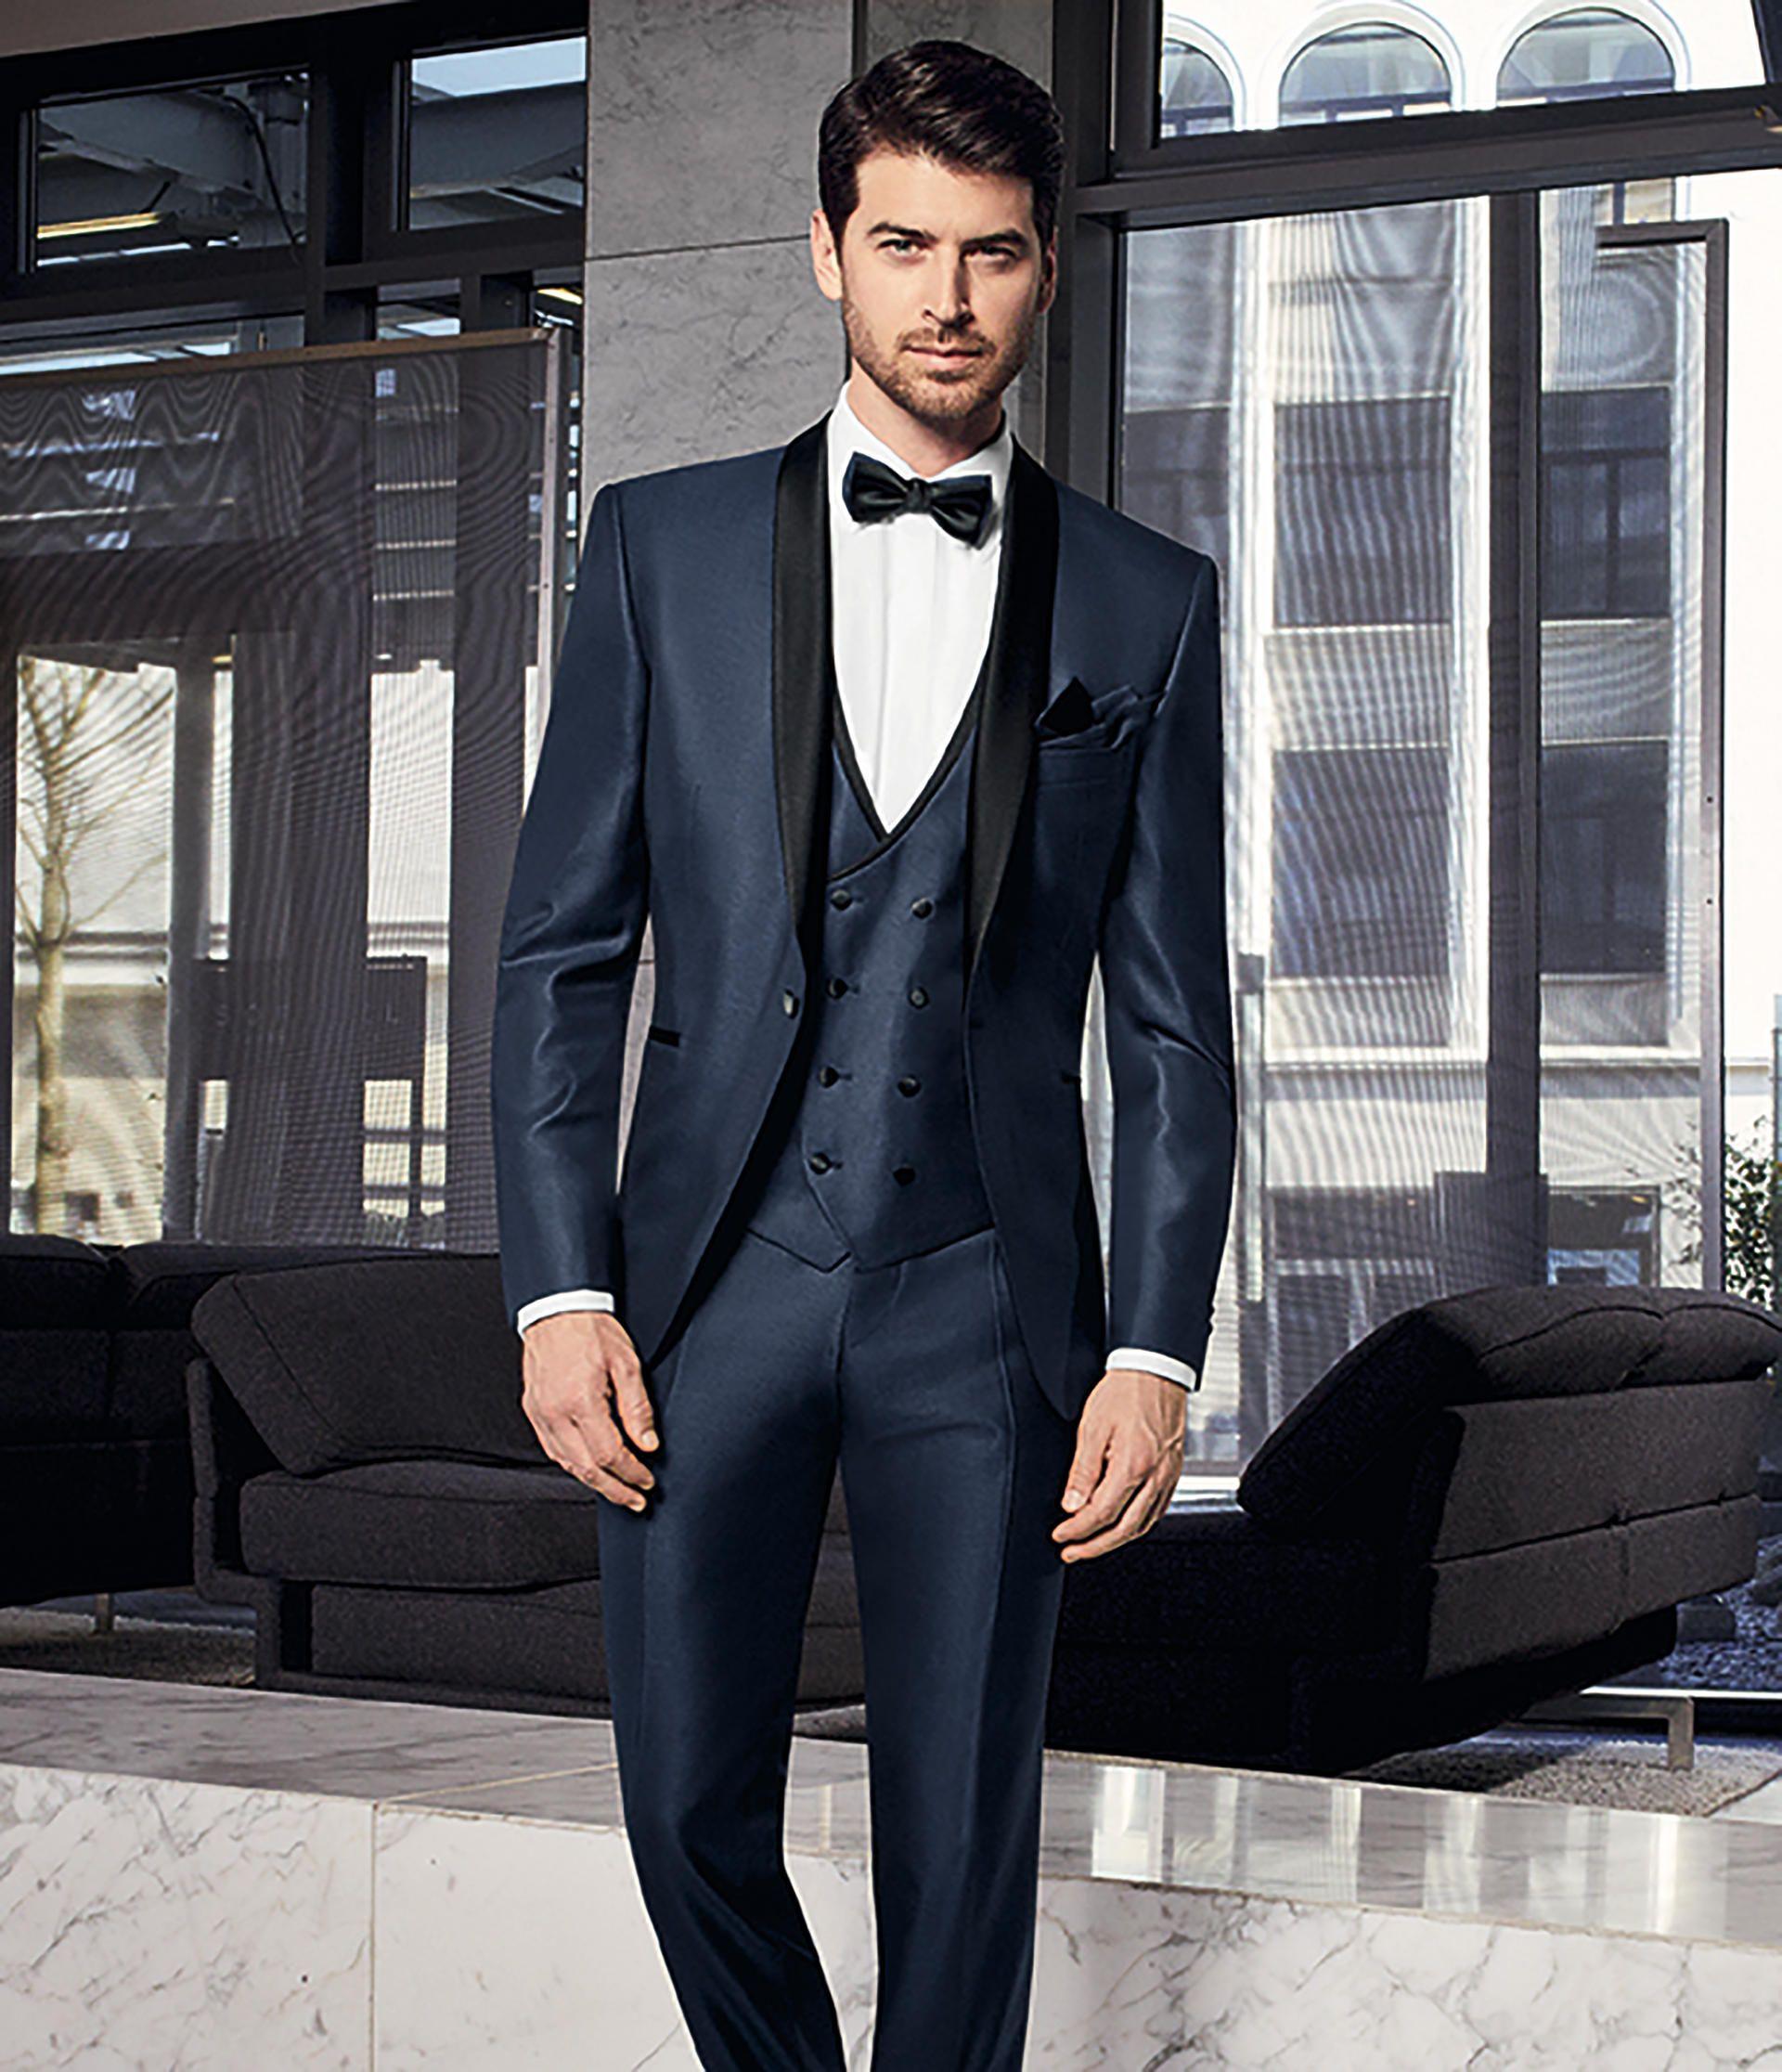 Prestige Prestigebywilvorst Wilvorst Highendfashion Anzug Suit Italienischesdesign Italiendesign Exk Anzug Hochzeit Mann Anzug Hochzeit Hochzeitsanzug